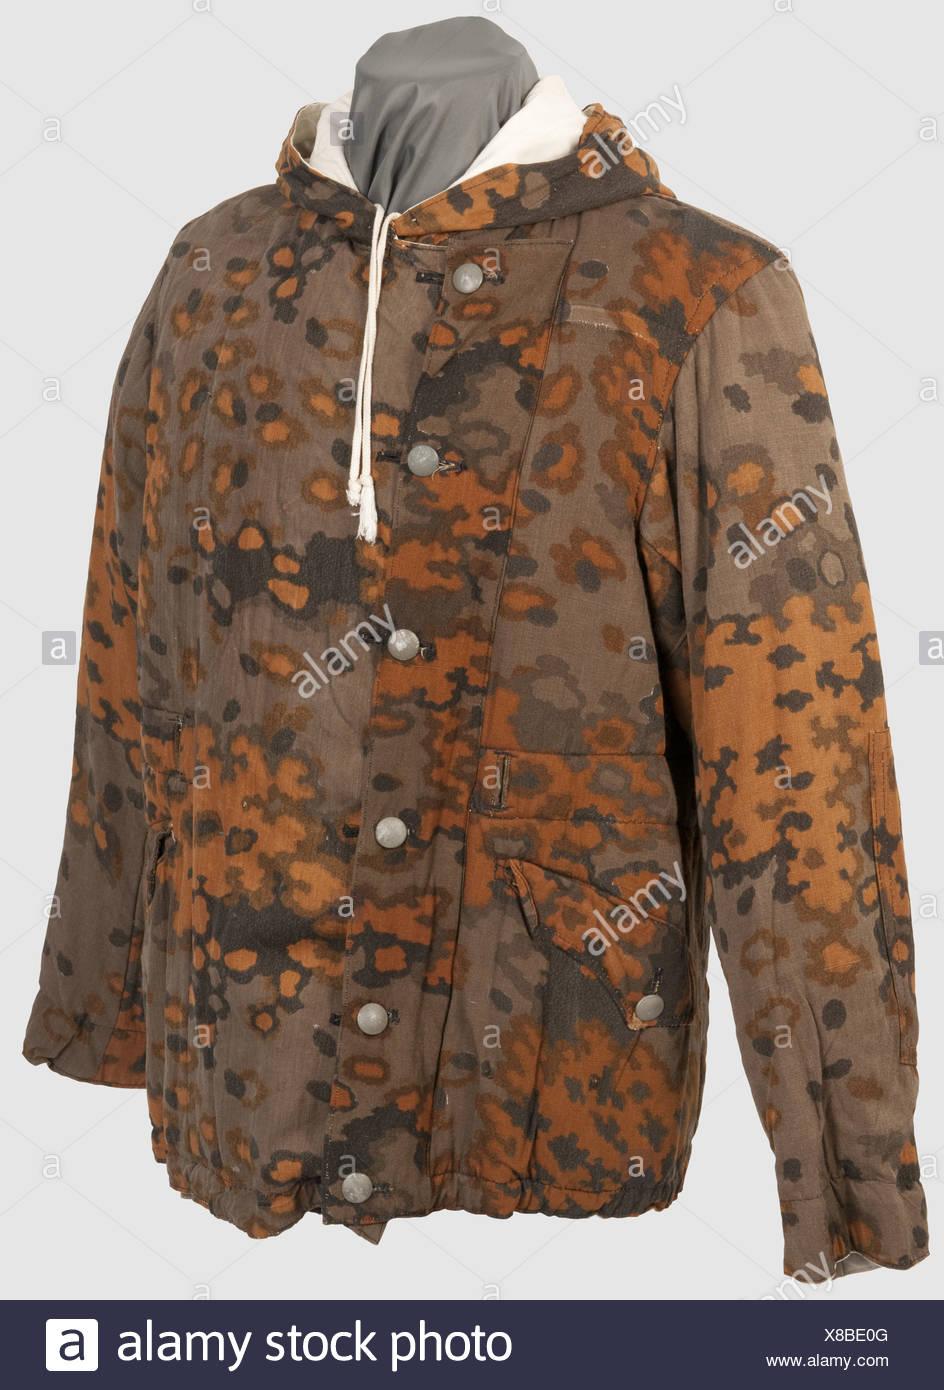 623783019f41 Eine reversible Winterjacke im Herbst Tarnung, gesäumt von Problem in  braun-grünen Eichenblatt pattern